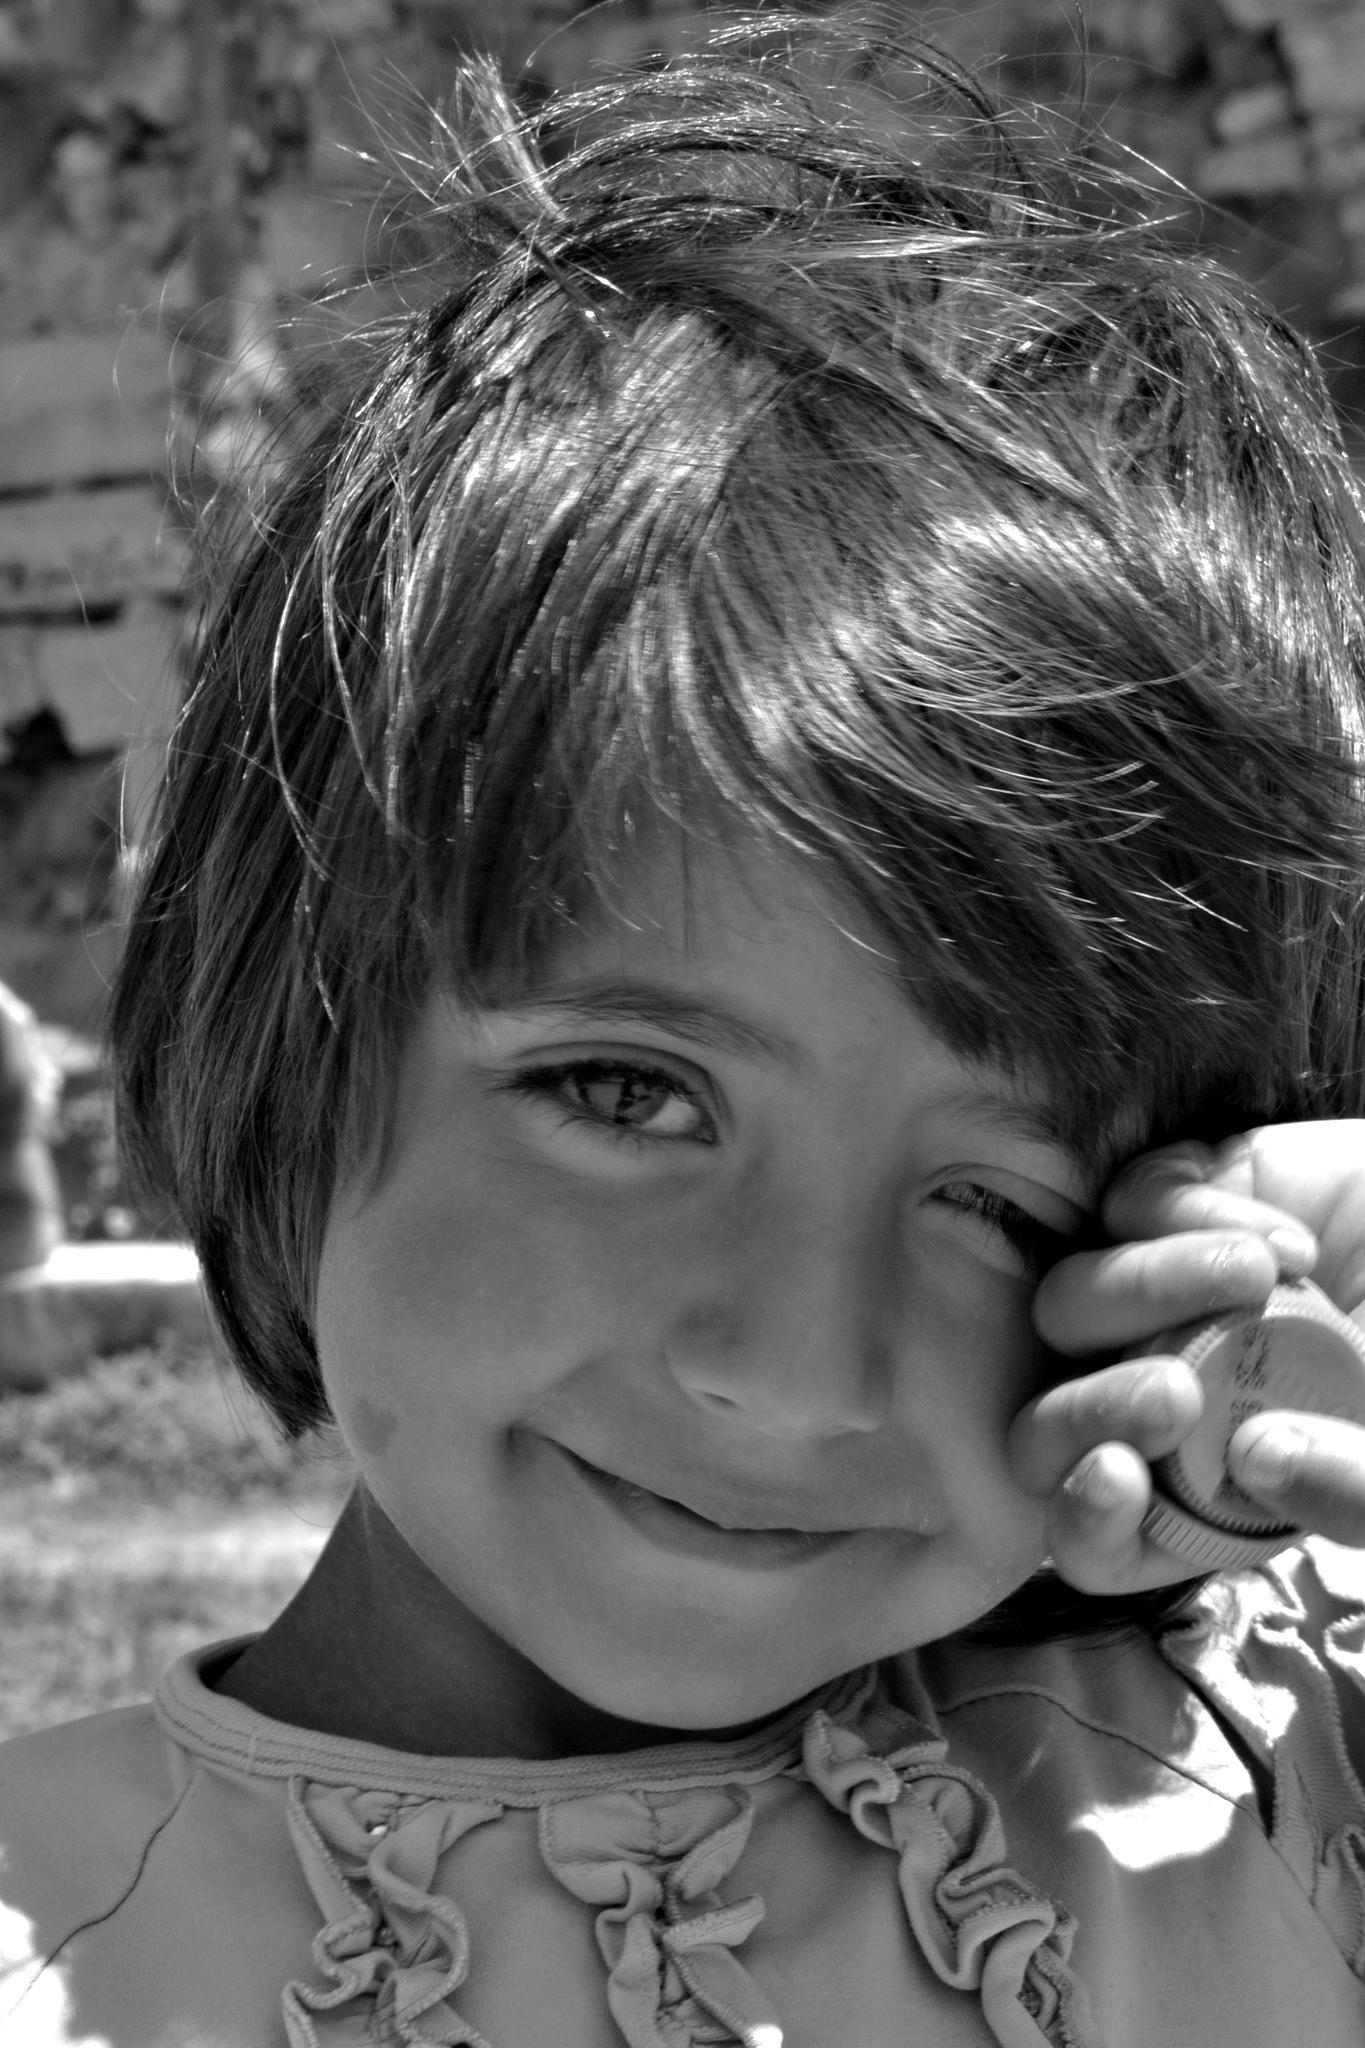 Gipsy girl. by A.Hikmet Karaca